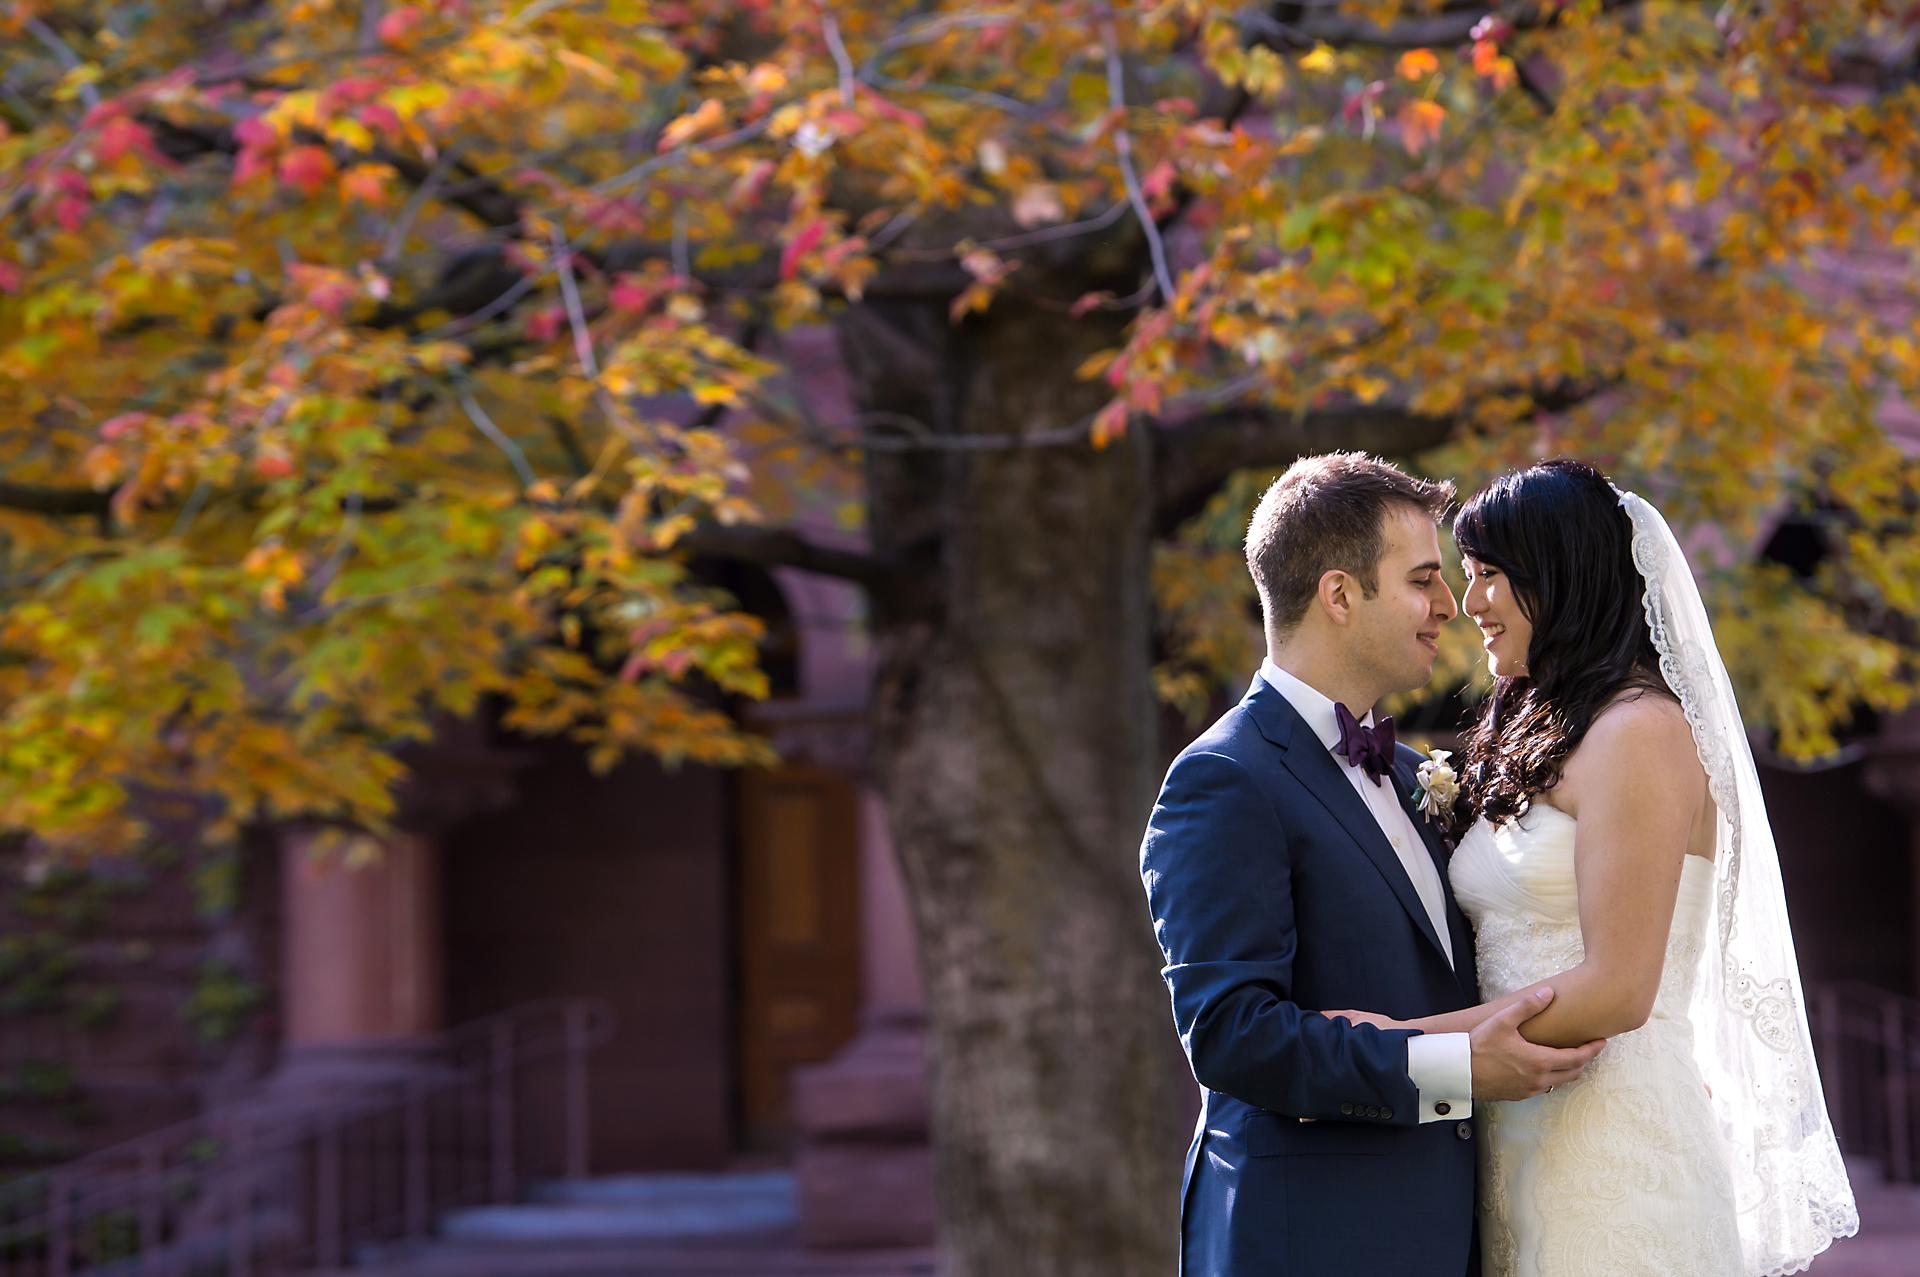 Costas & Erin | Palais Royale Wedding | Toronto Wedding Photography27